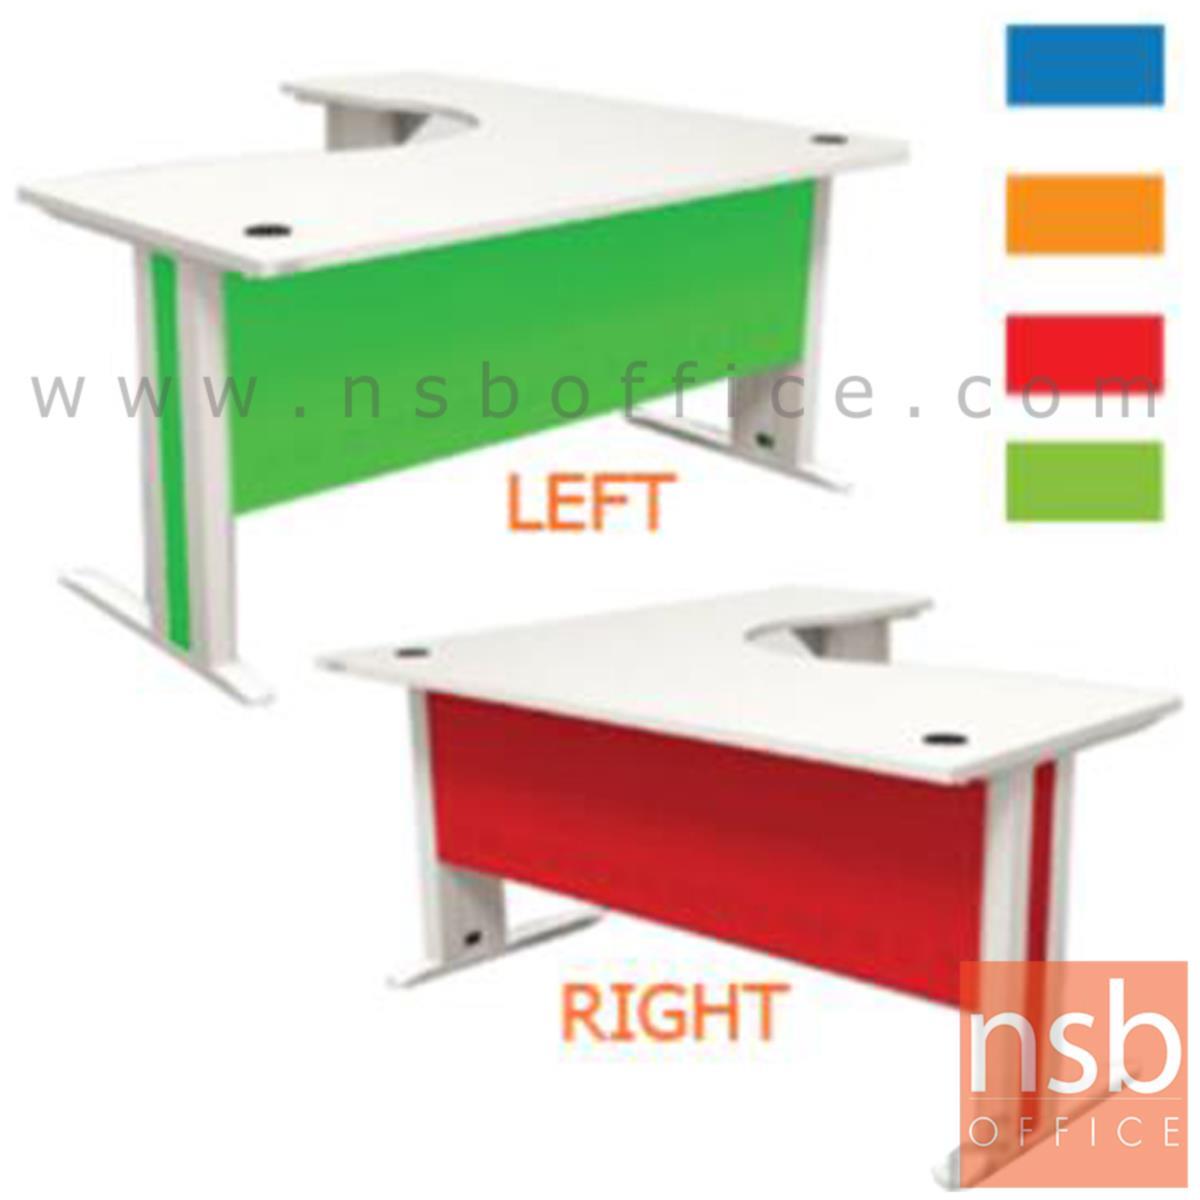 A18A029:โต๊ะทำงานตัวแอลสีสัน  รุ่น Neslite (เนสไลท์) ขนาด 160W1*160W2 cm.  ขาเหล็ก